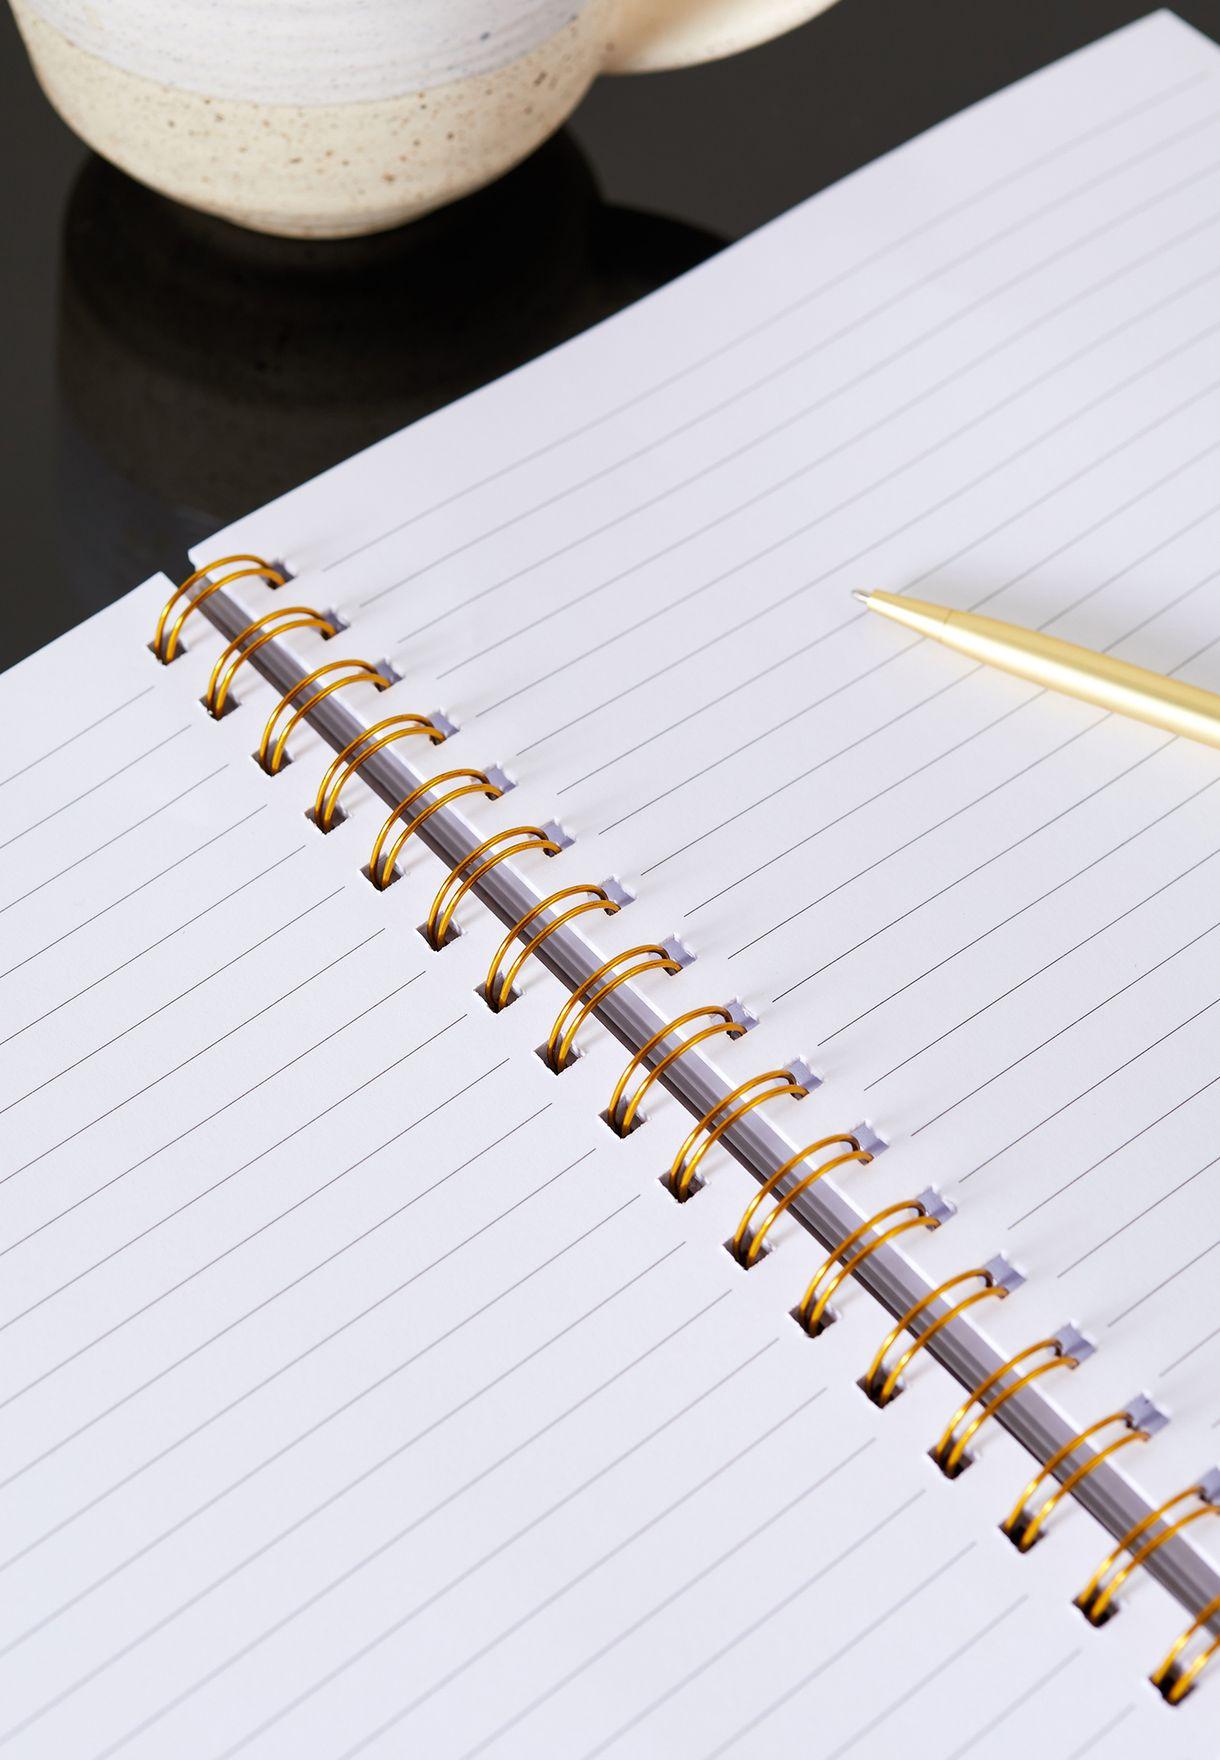 دفتر ملاحظات A4 بطباعة غرافيك